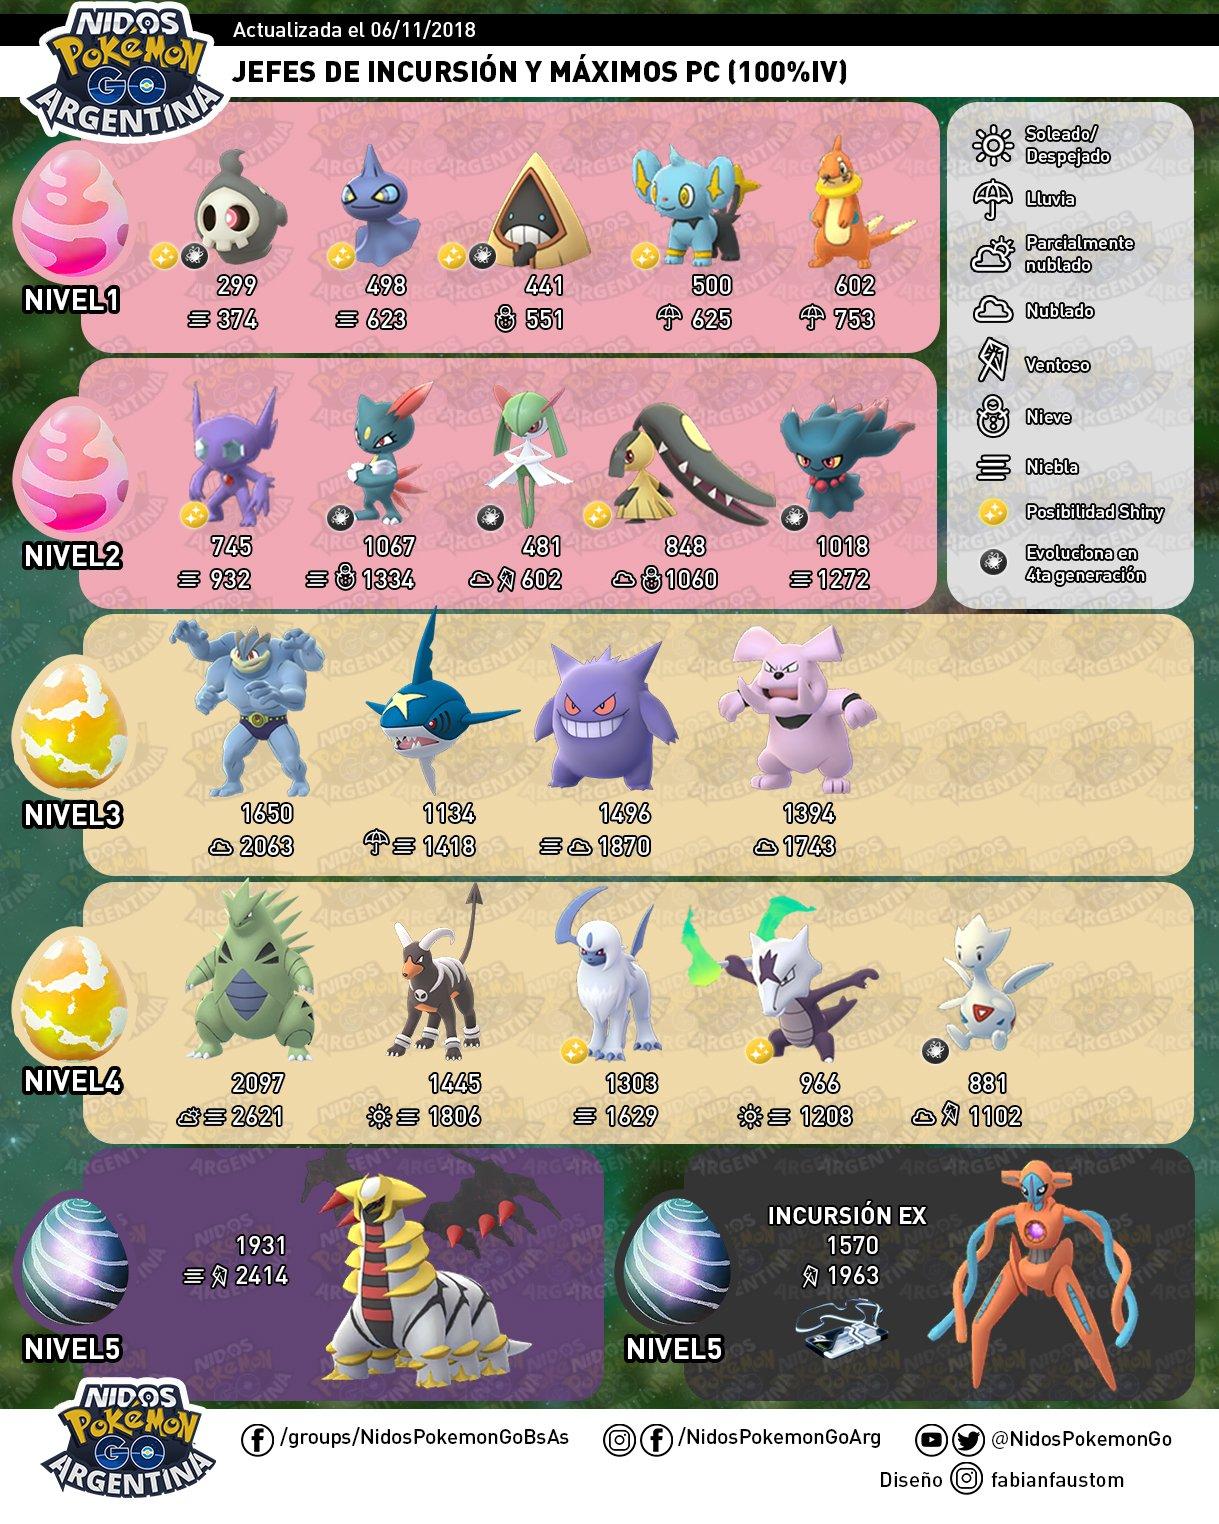 Todos los jefes en incursiones en Pokémon GO hecho por Nidos Pokémon GO Argentina.